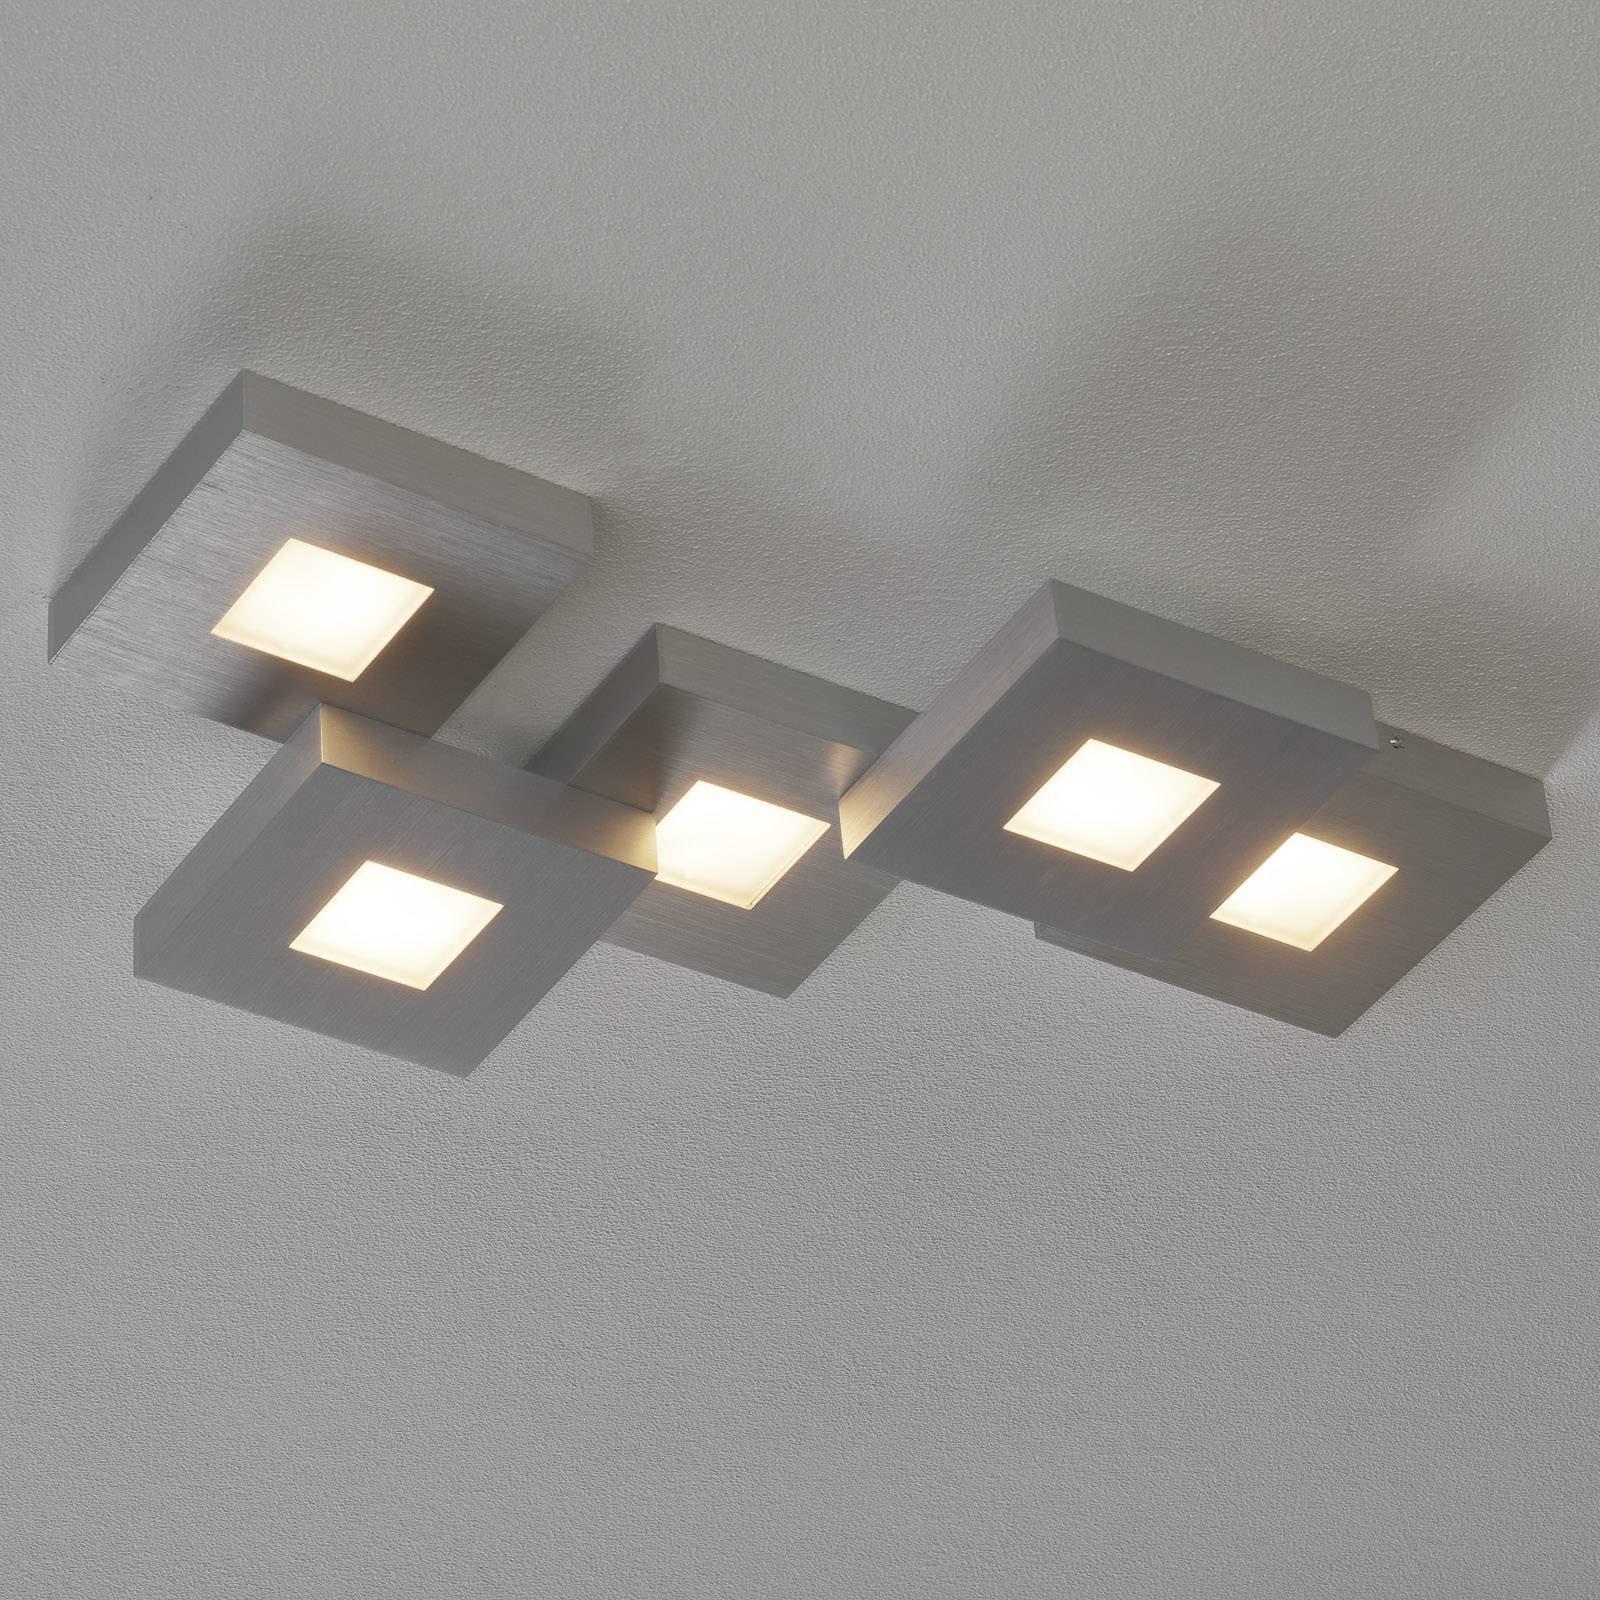 Ekstravagant LED-taklampe Cubus